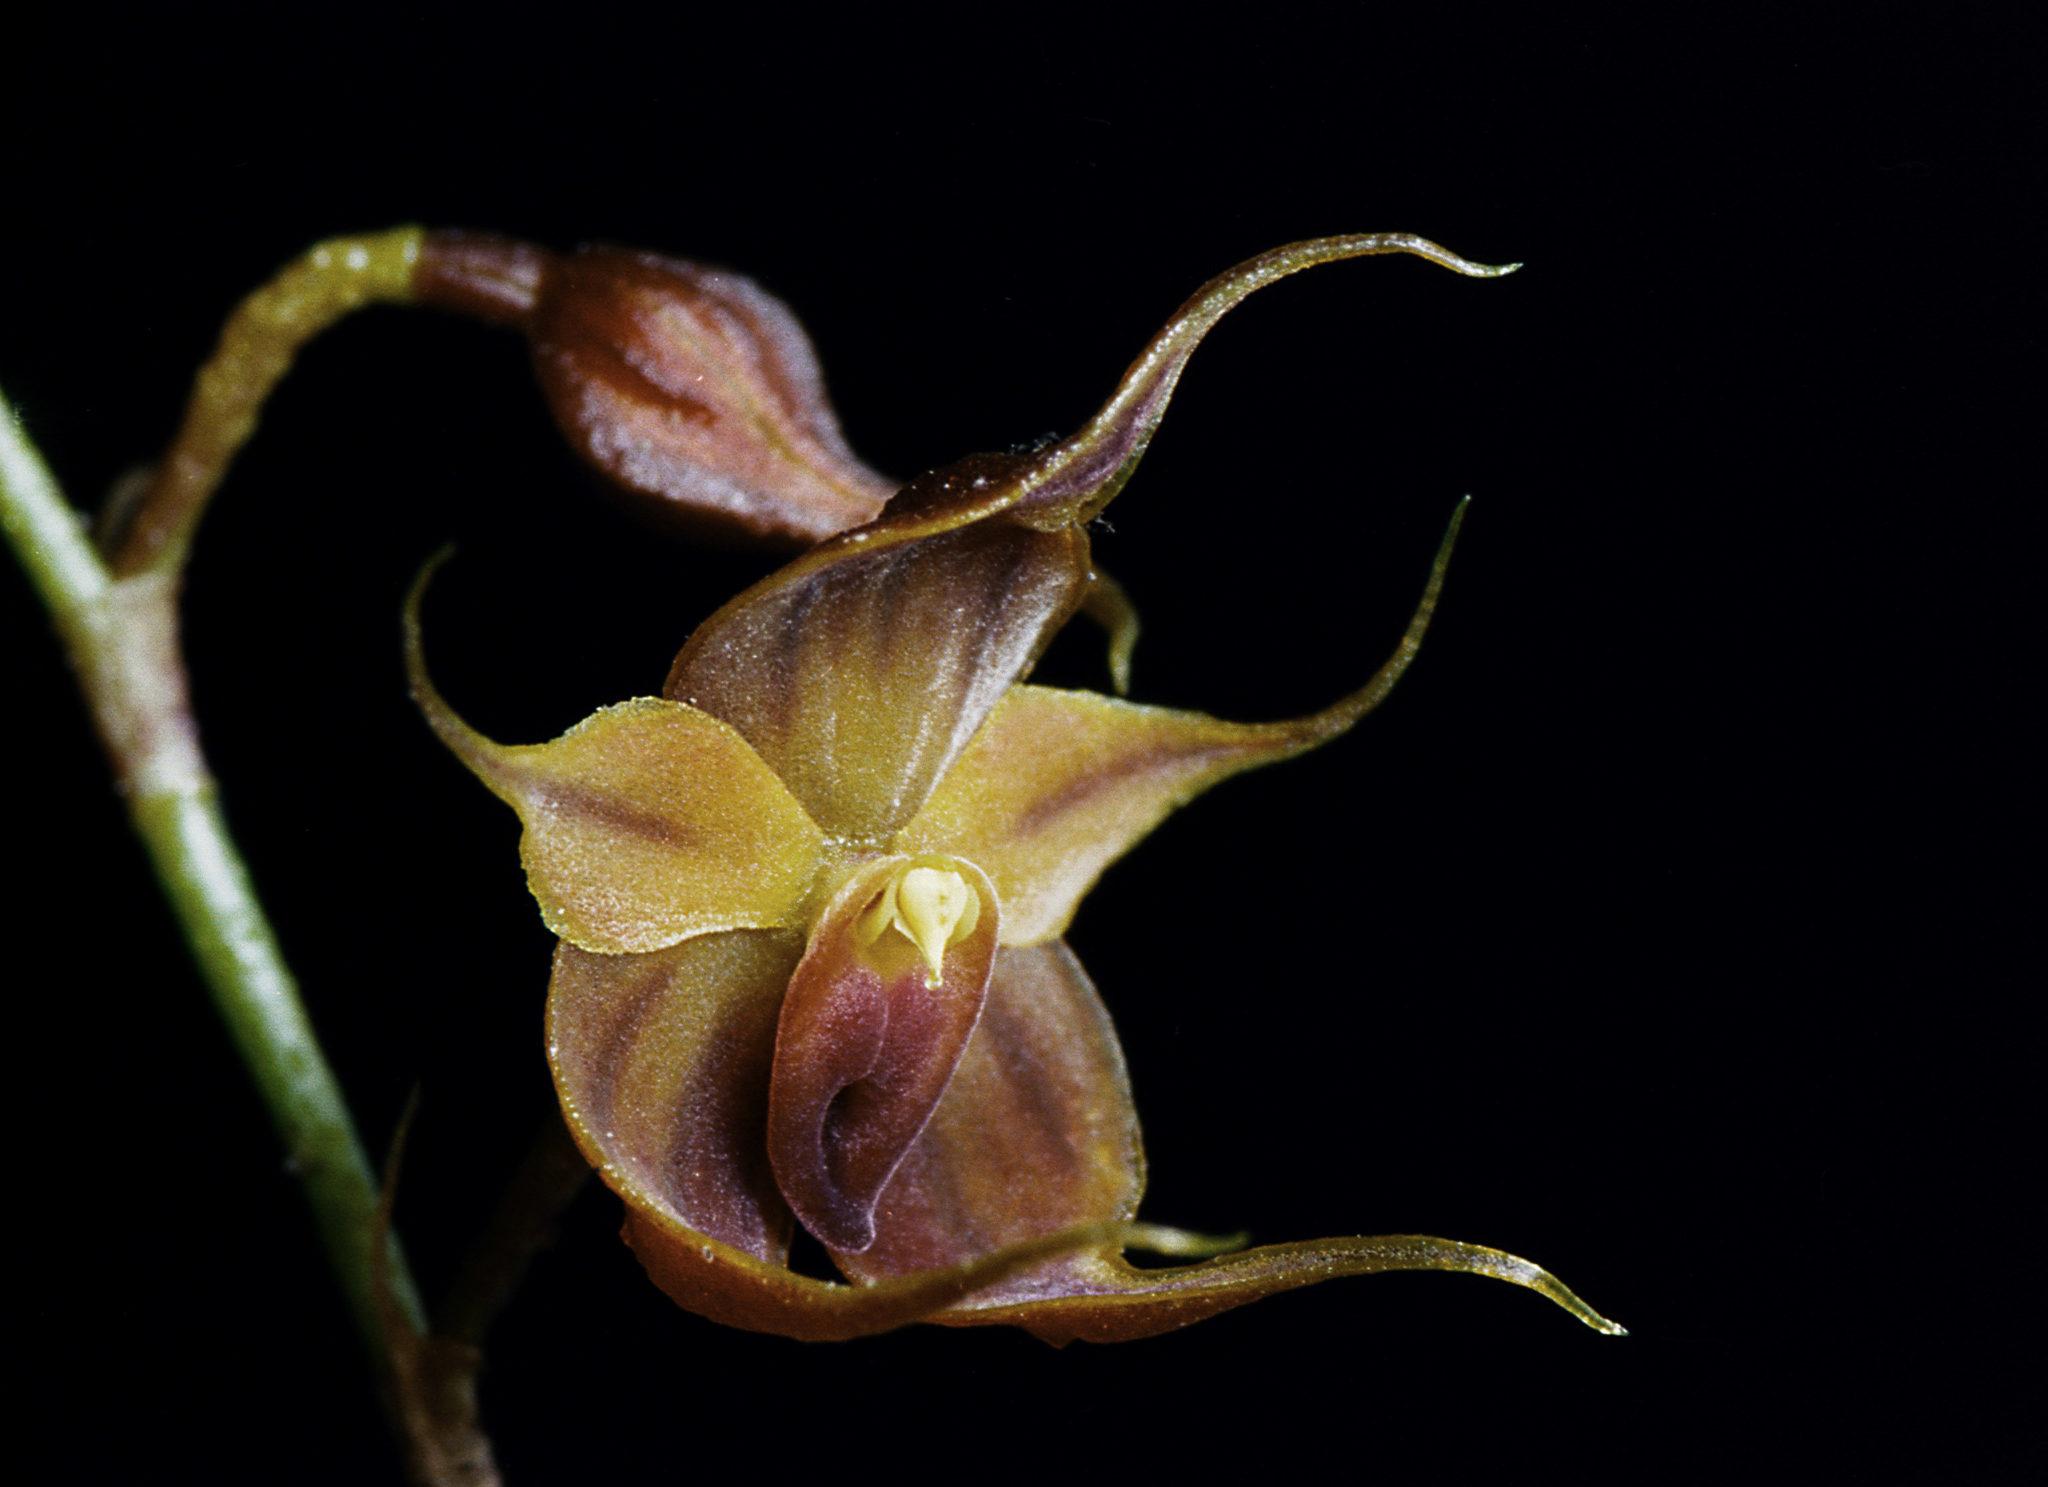 The Puro Orchid, Teagueia Puroana